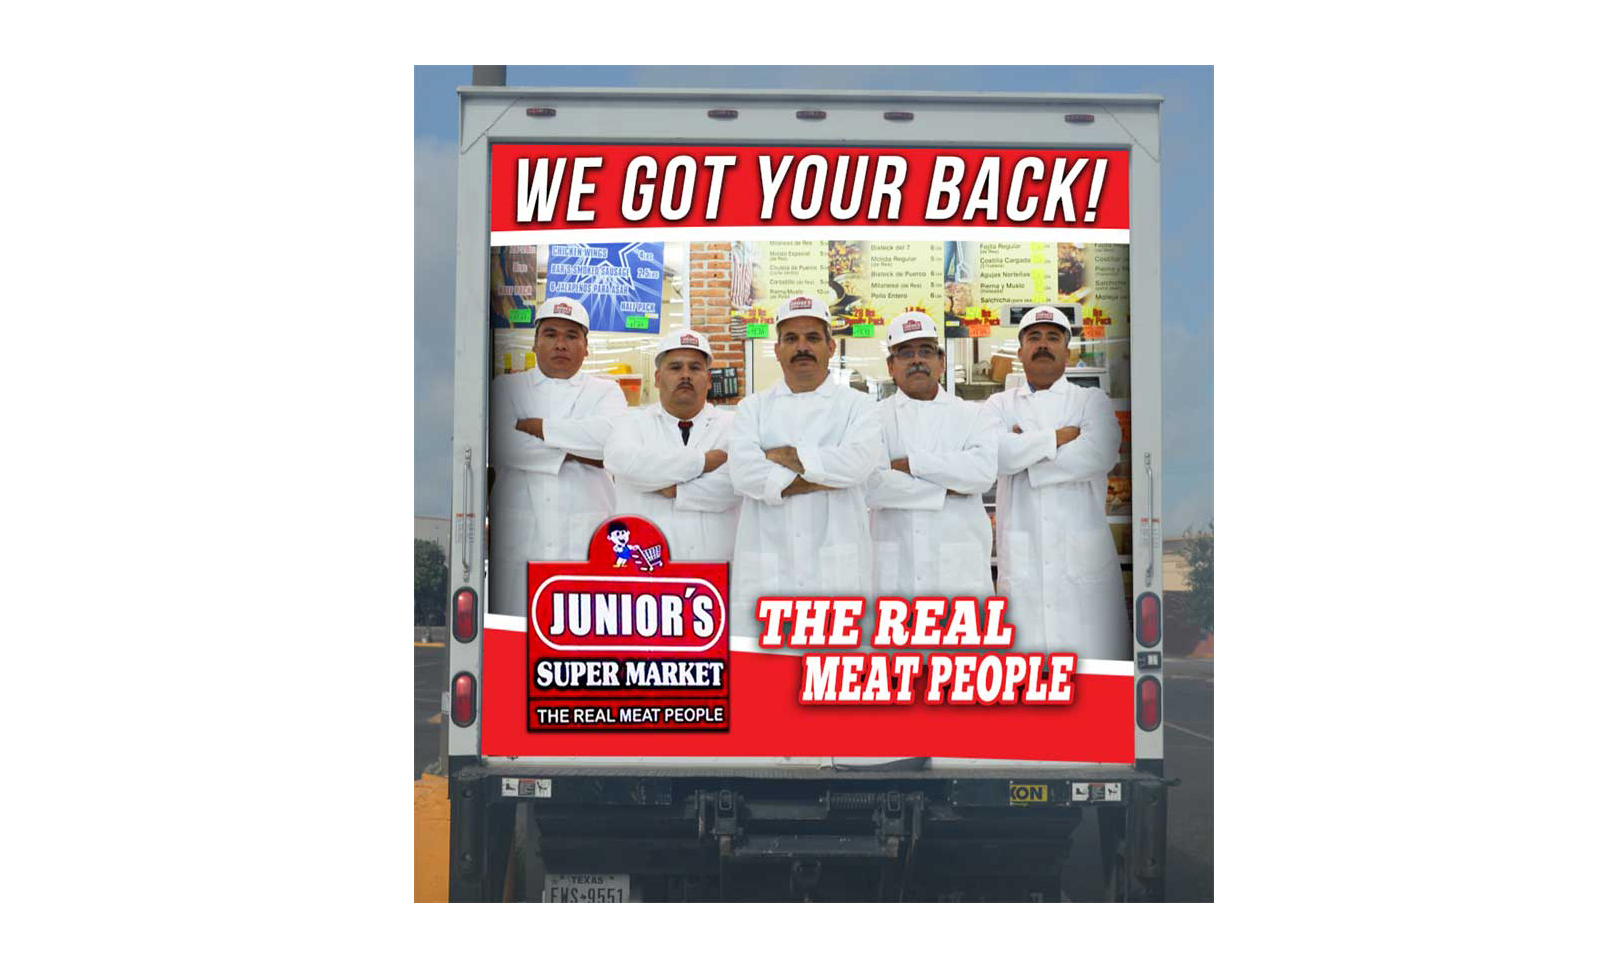 A Junior's Super Market truck